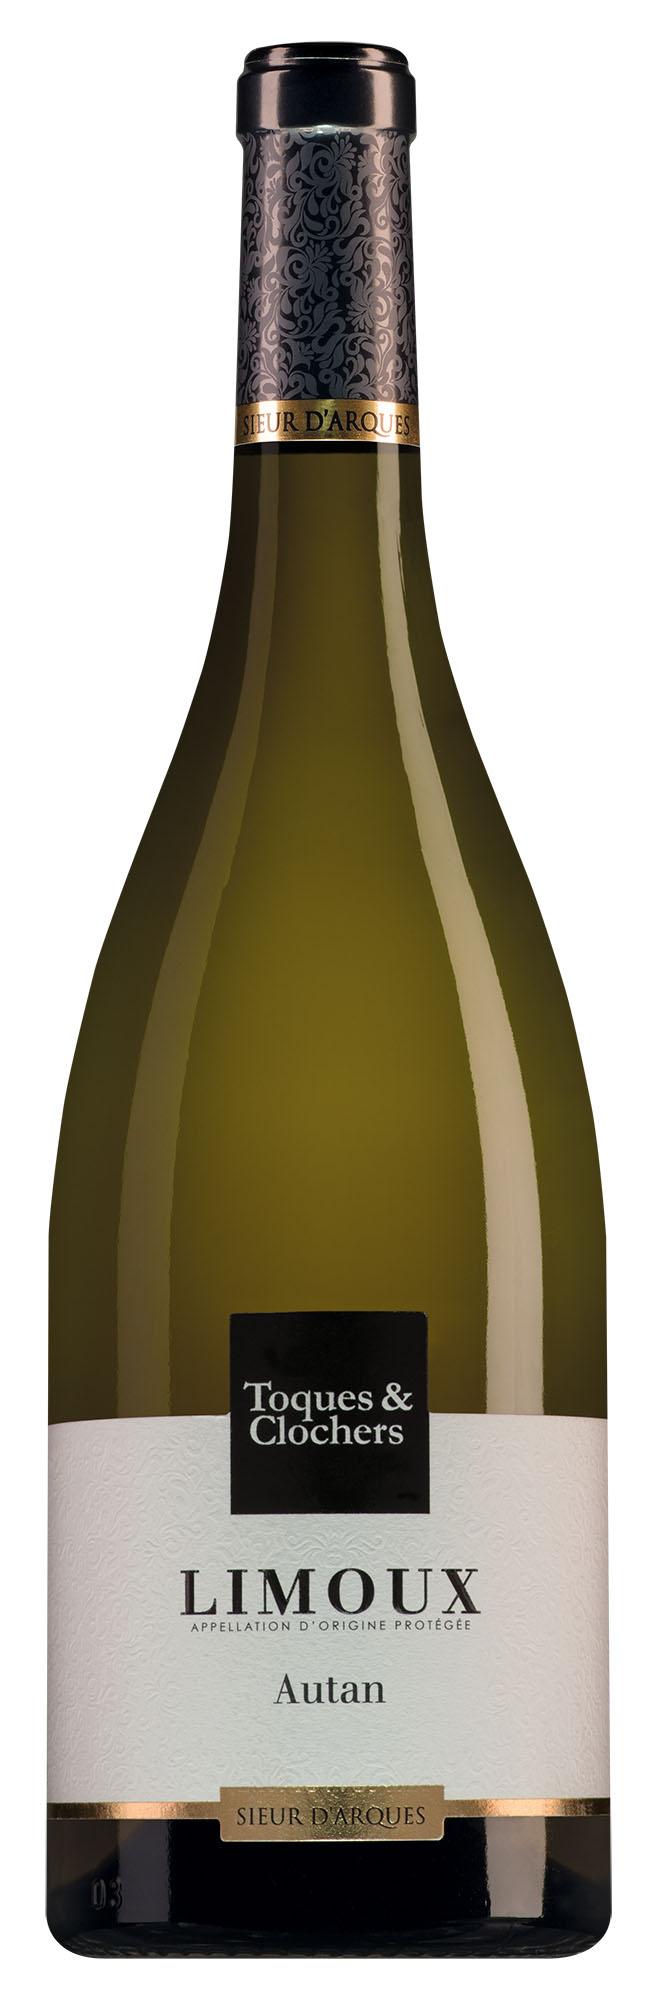 Toques et Clochers Limoux Chardonnay Autan